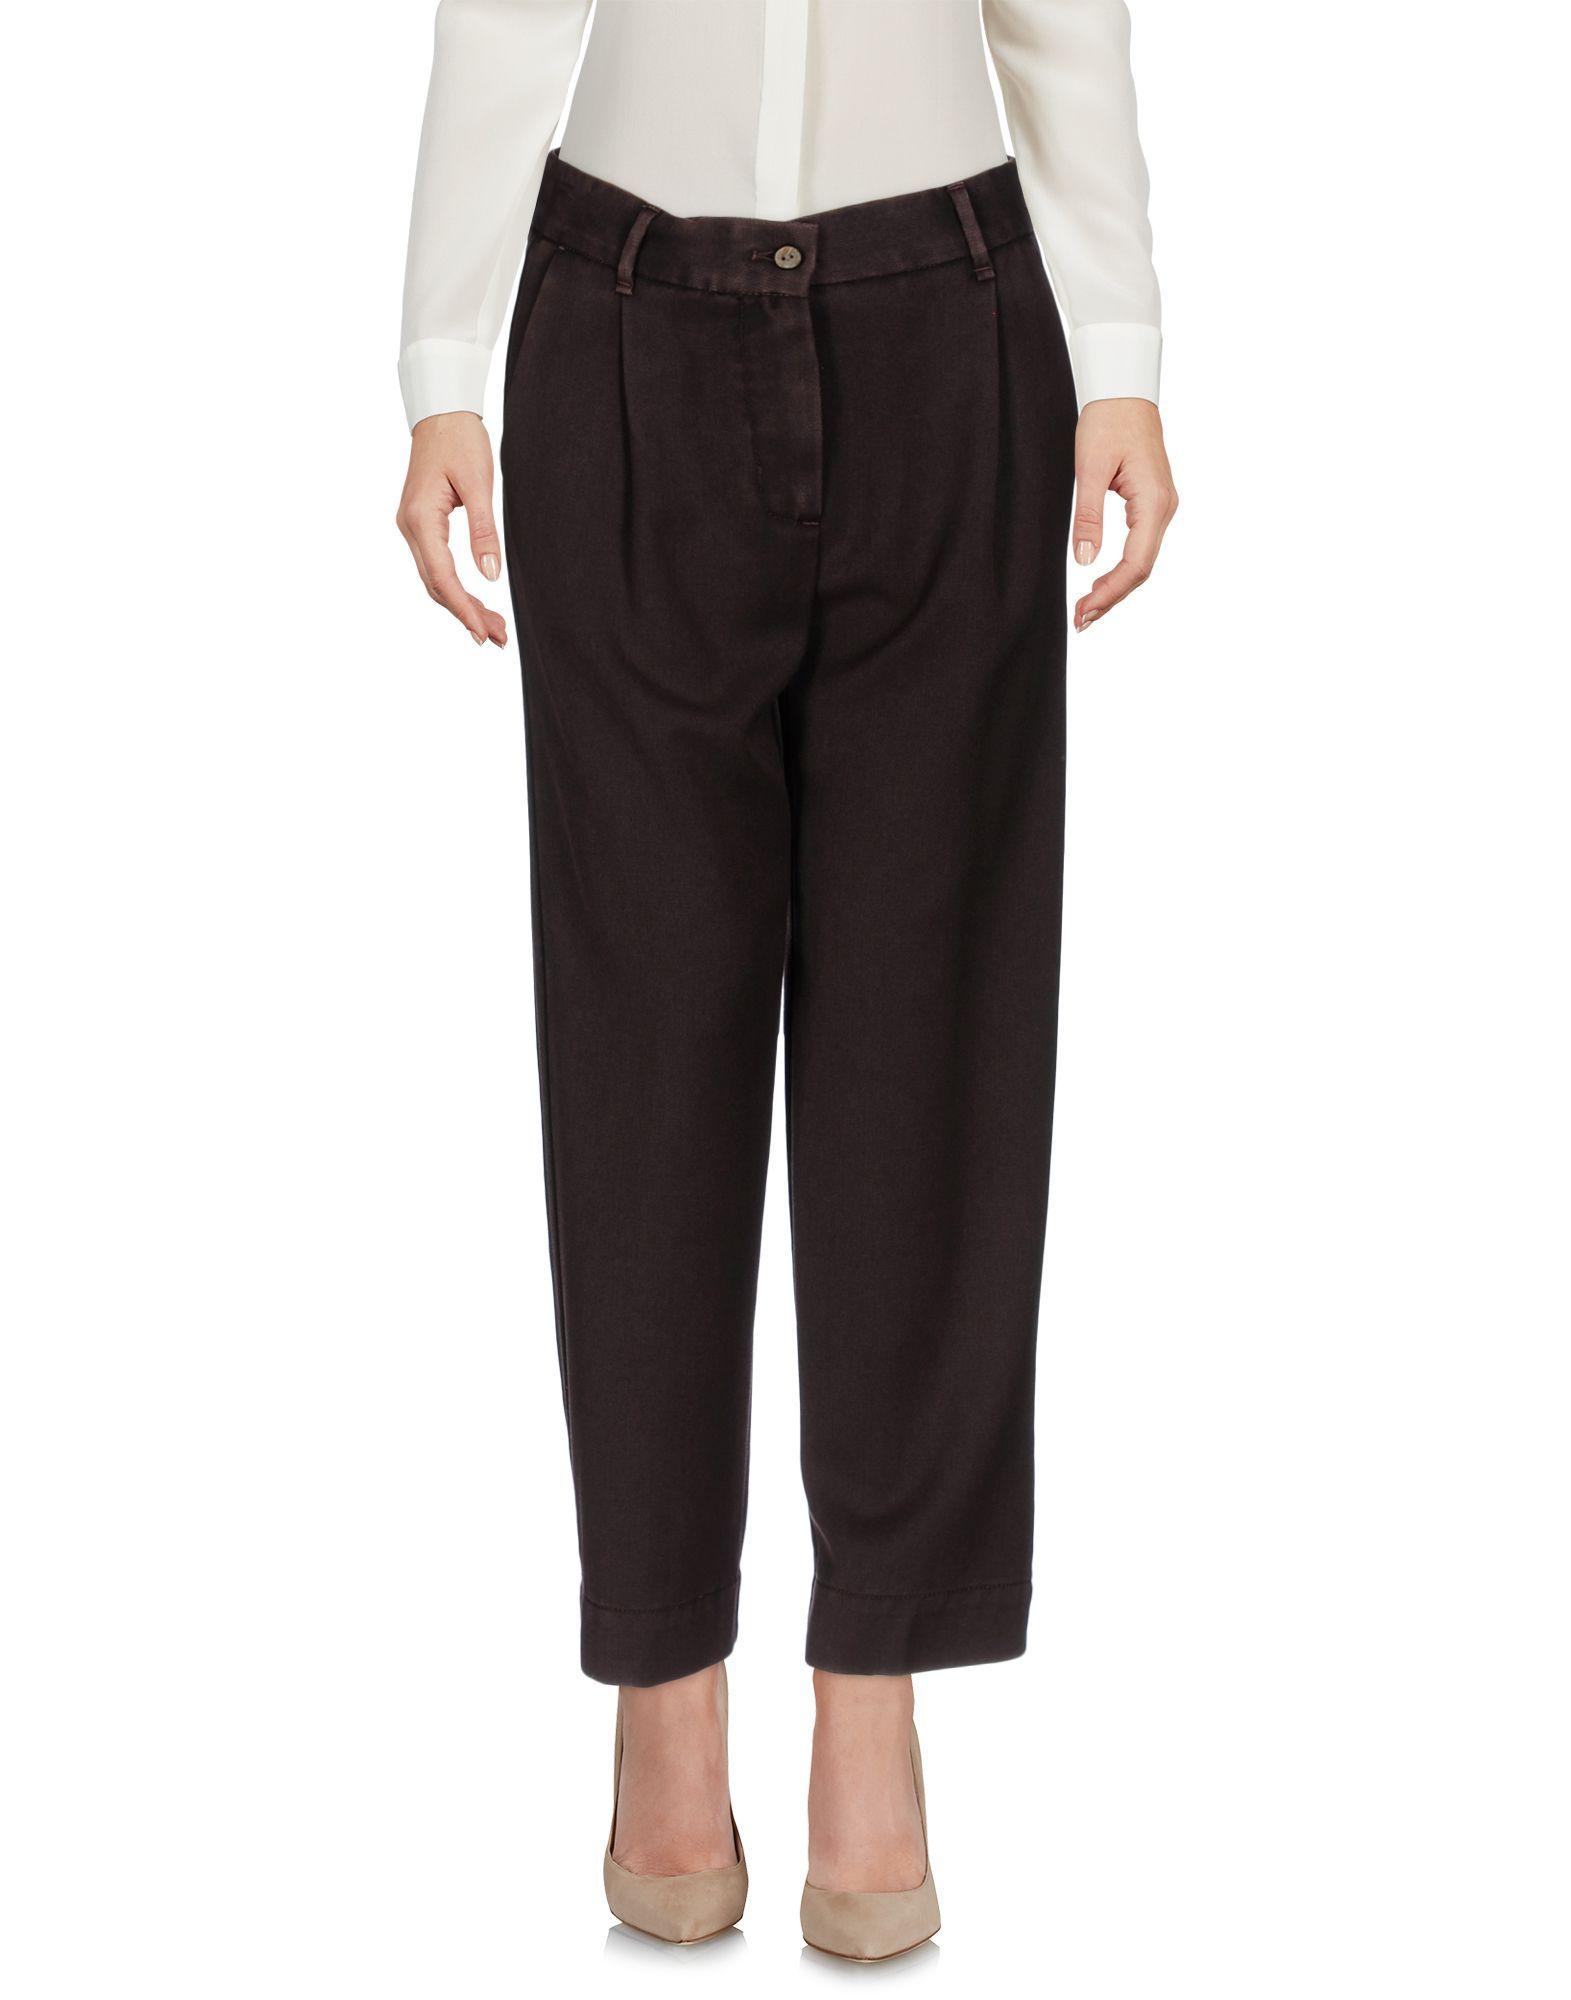 Trousers Myths Dark Brown Women's Virgin Wool